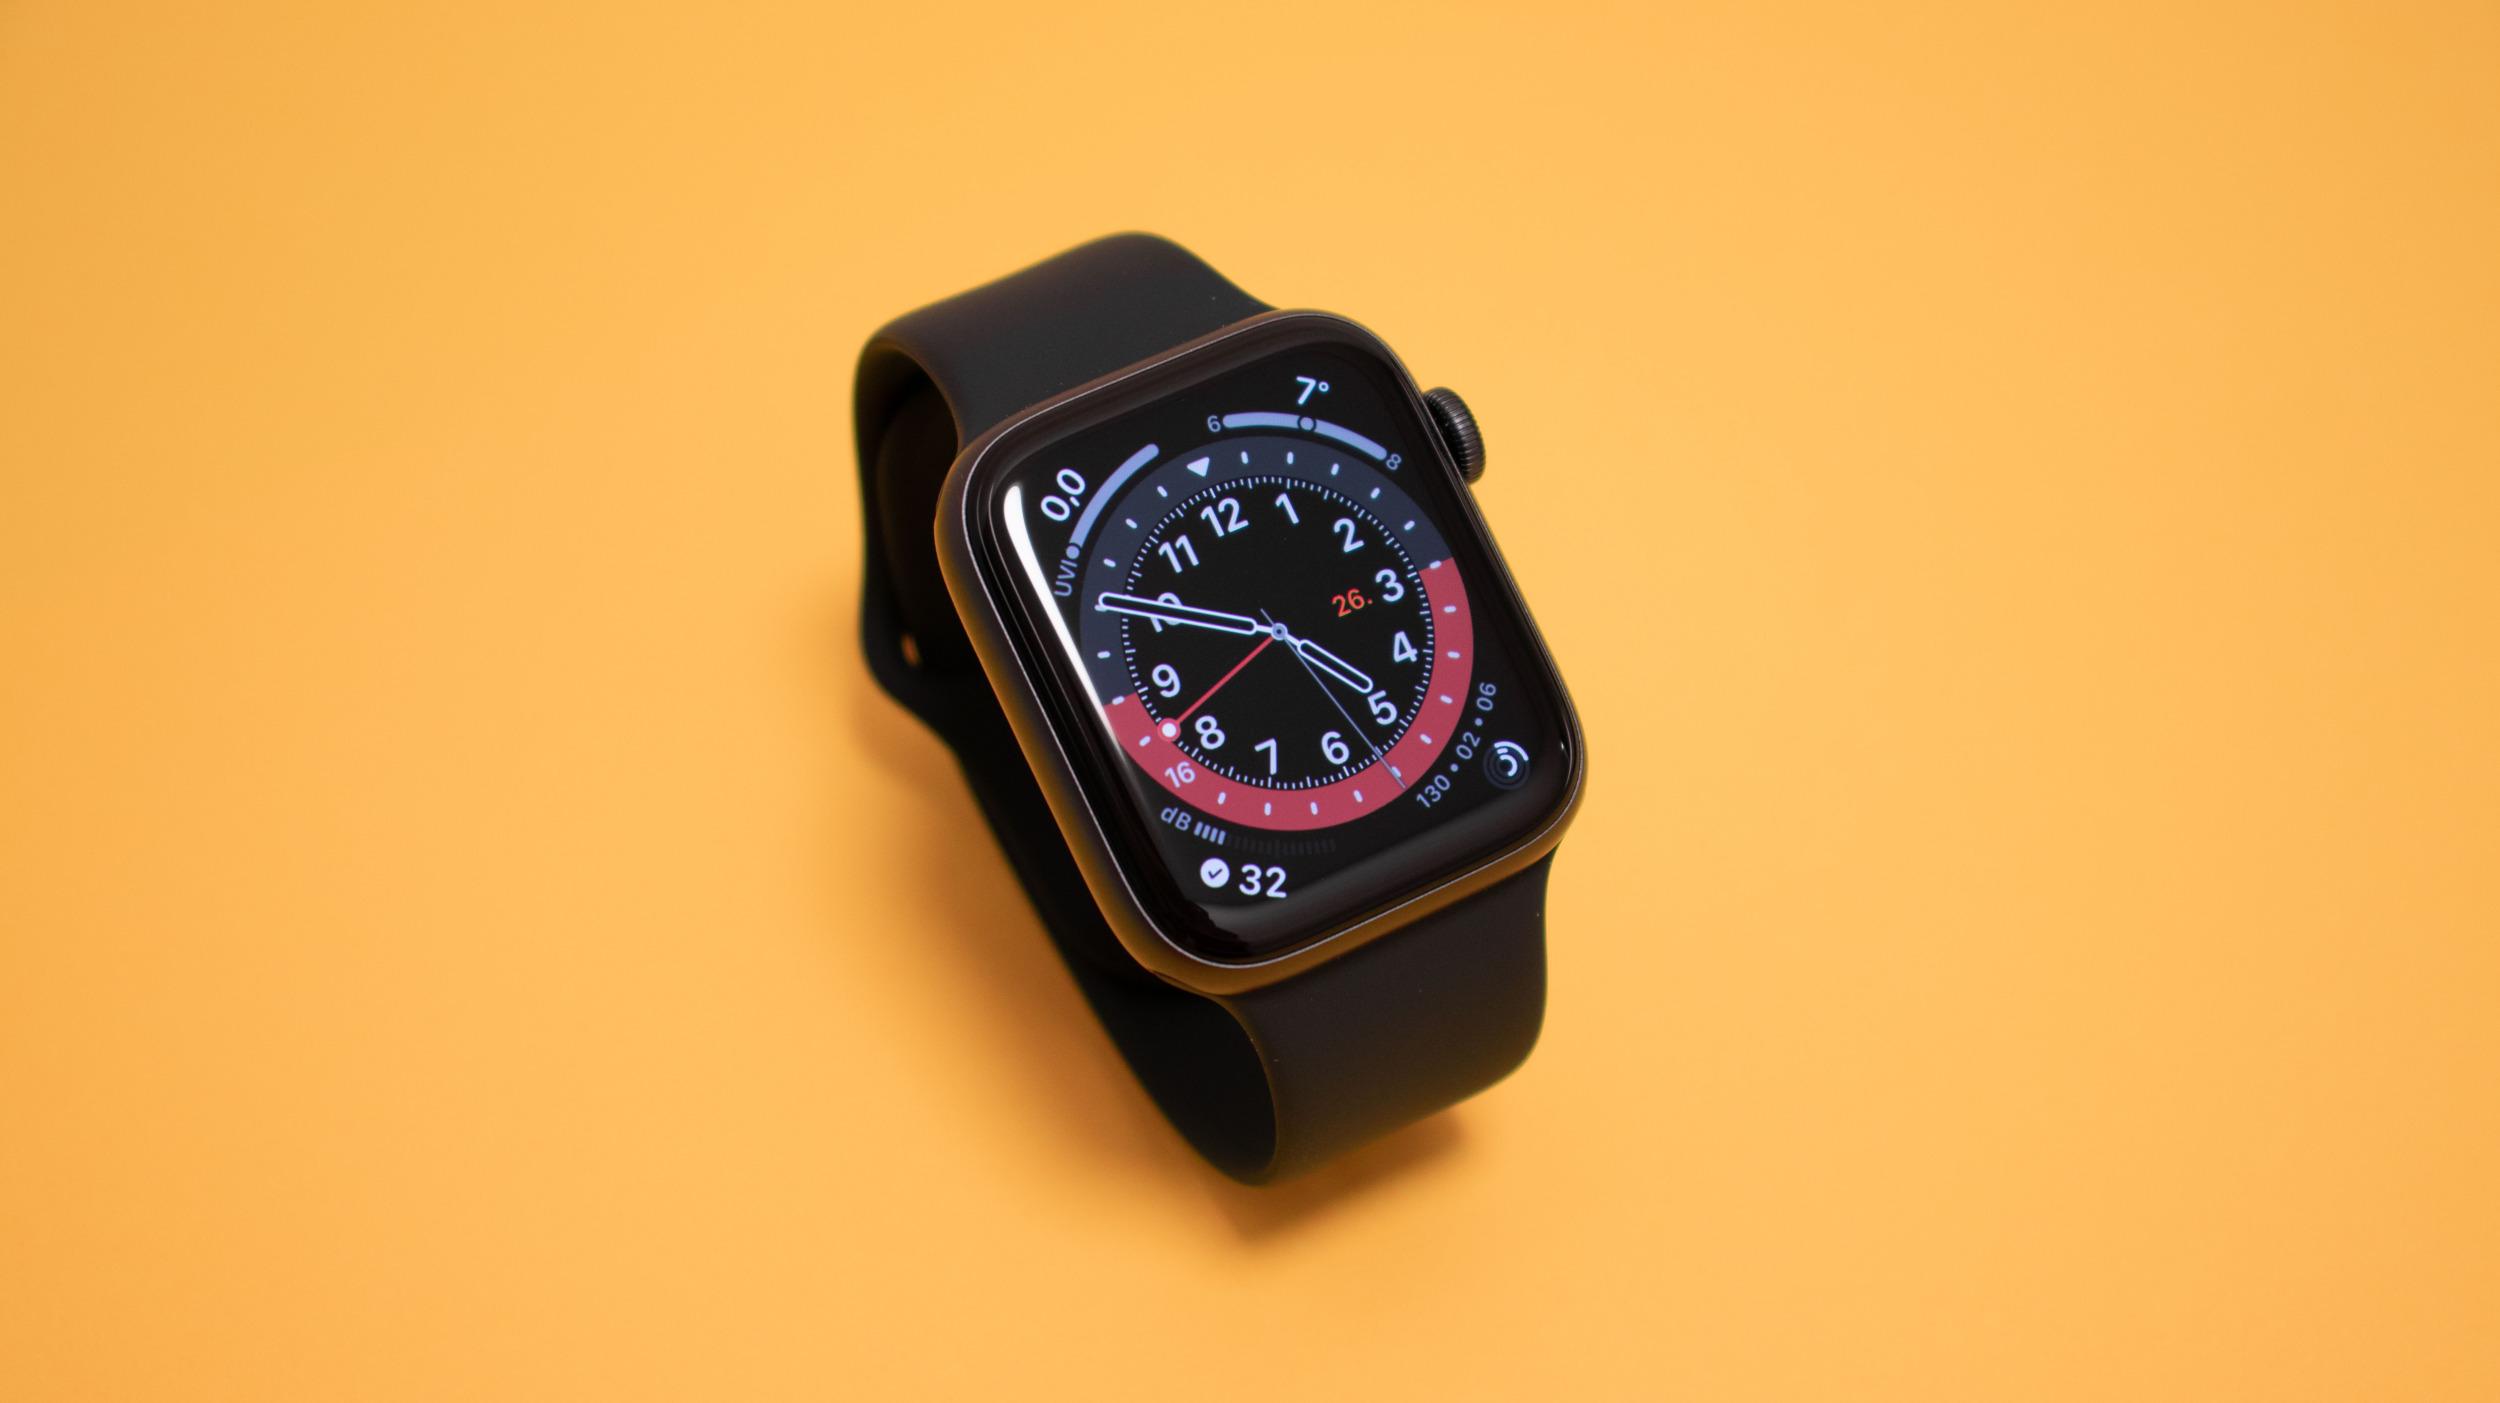 Od iOS 14.5 bude možné odemykat iPhone s FaceID přes Apple Watch, když máte roušku